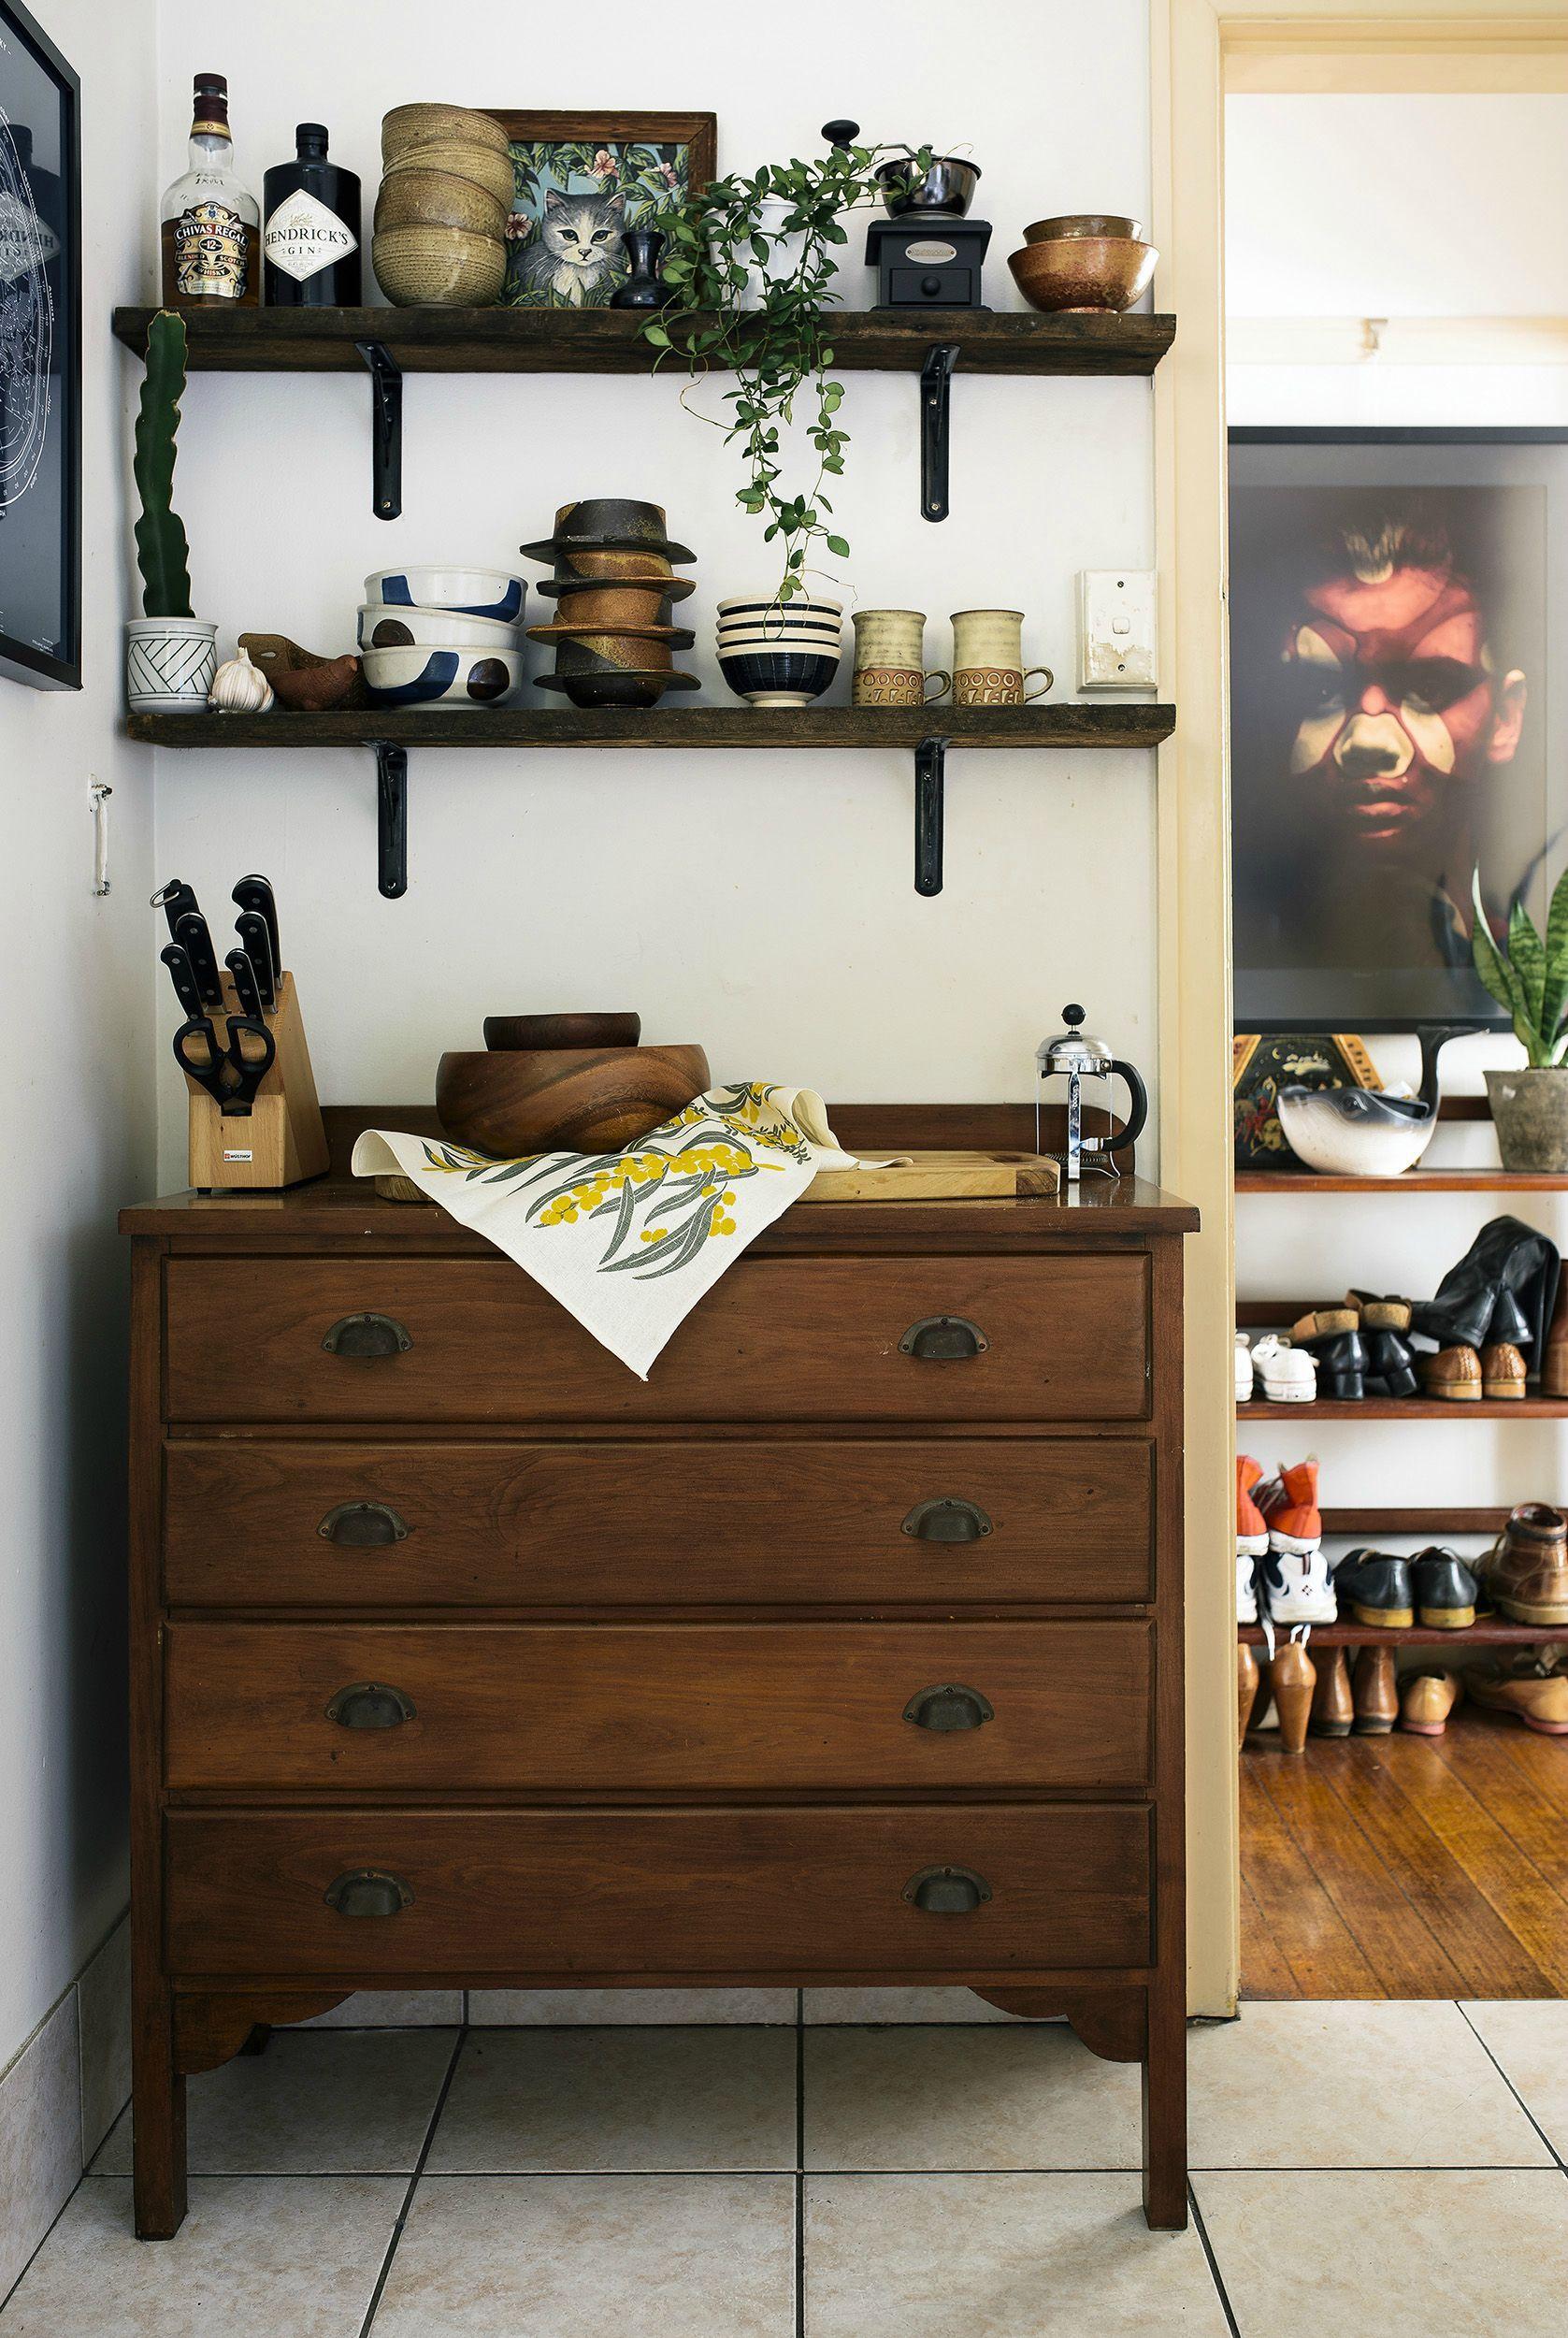 Dresser drawers in the kitchen kitchen decorating pinterest dresser drawers in the kitchen kitchen dresserdining room dzzzfo